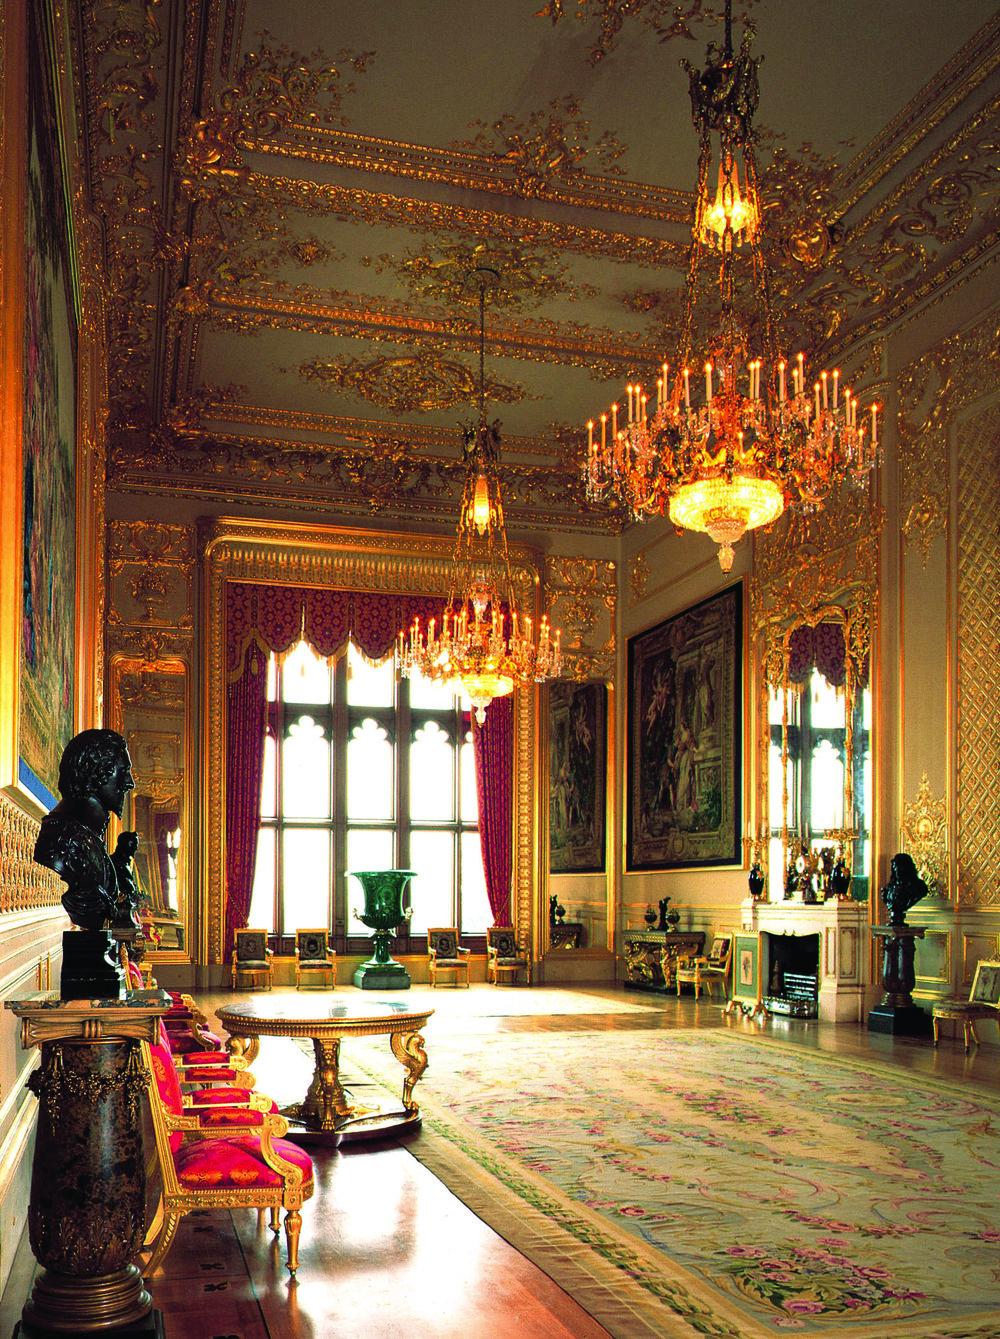 溫莎城堡作為英國王室的家族城堡已經有超過900年的歷史,距離倫敦約有1個小時的車程。Wikimedia